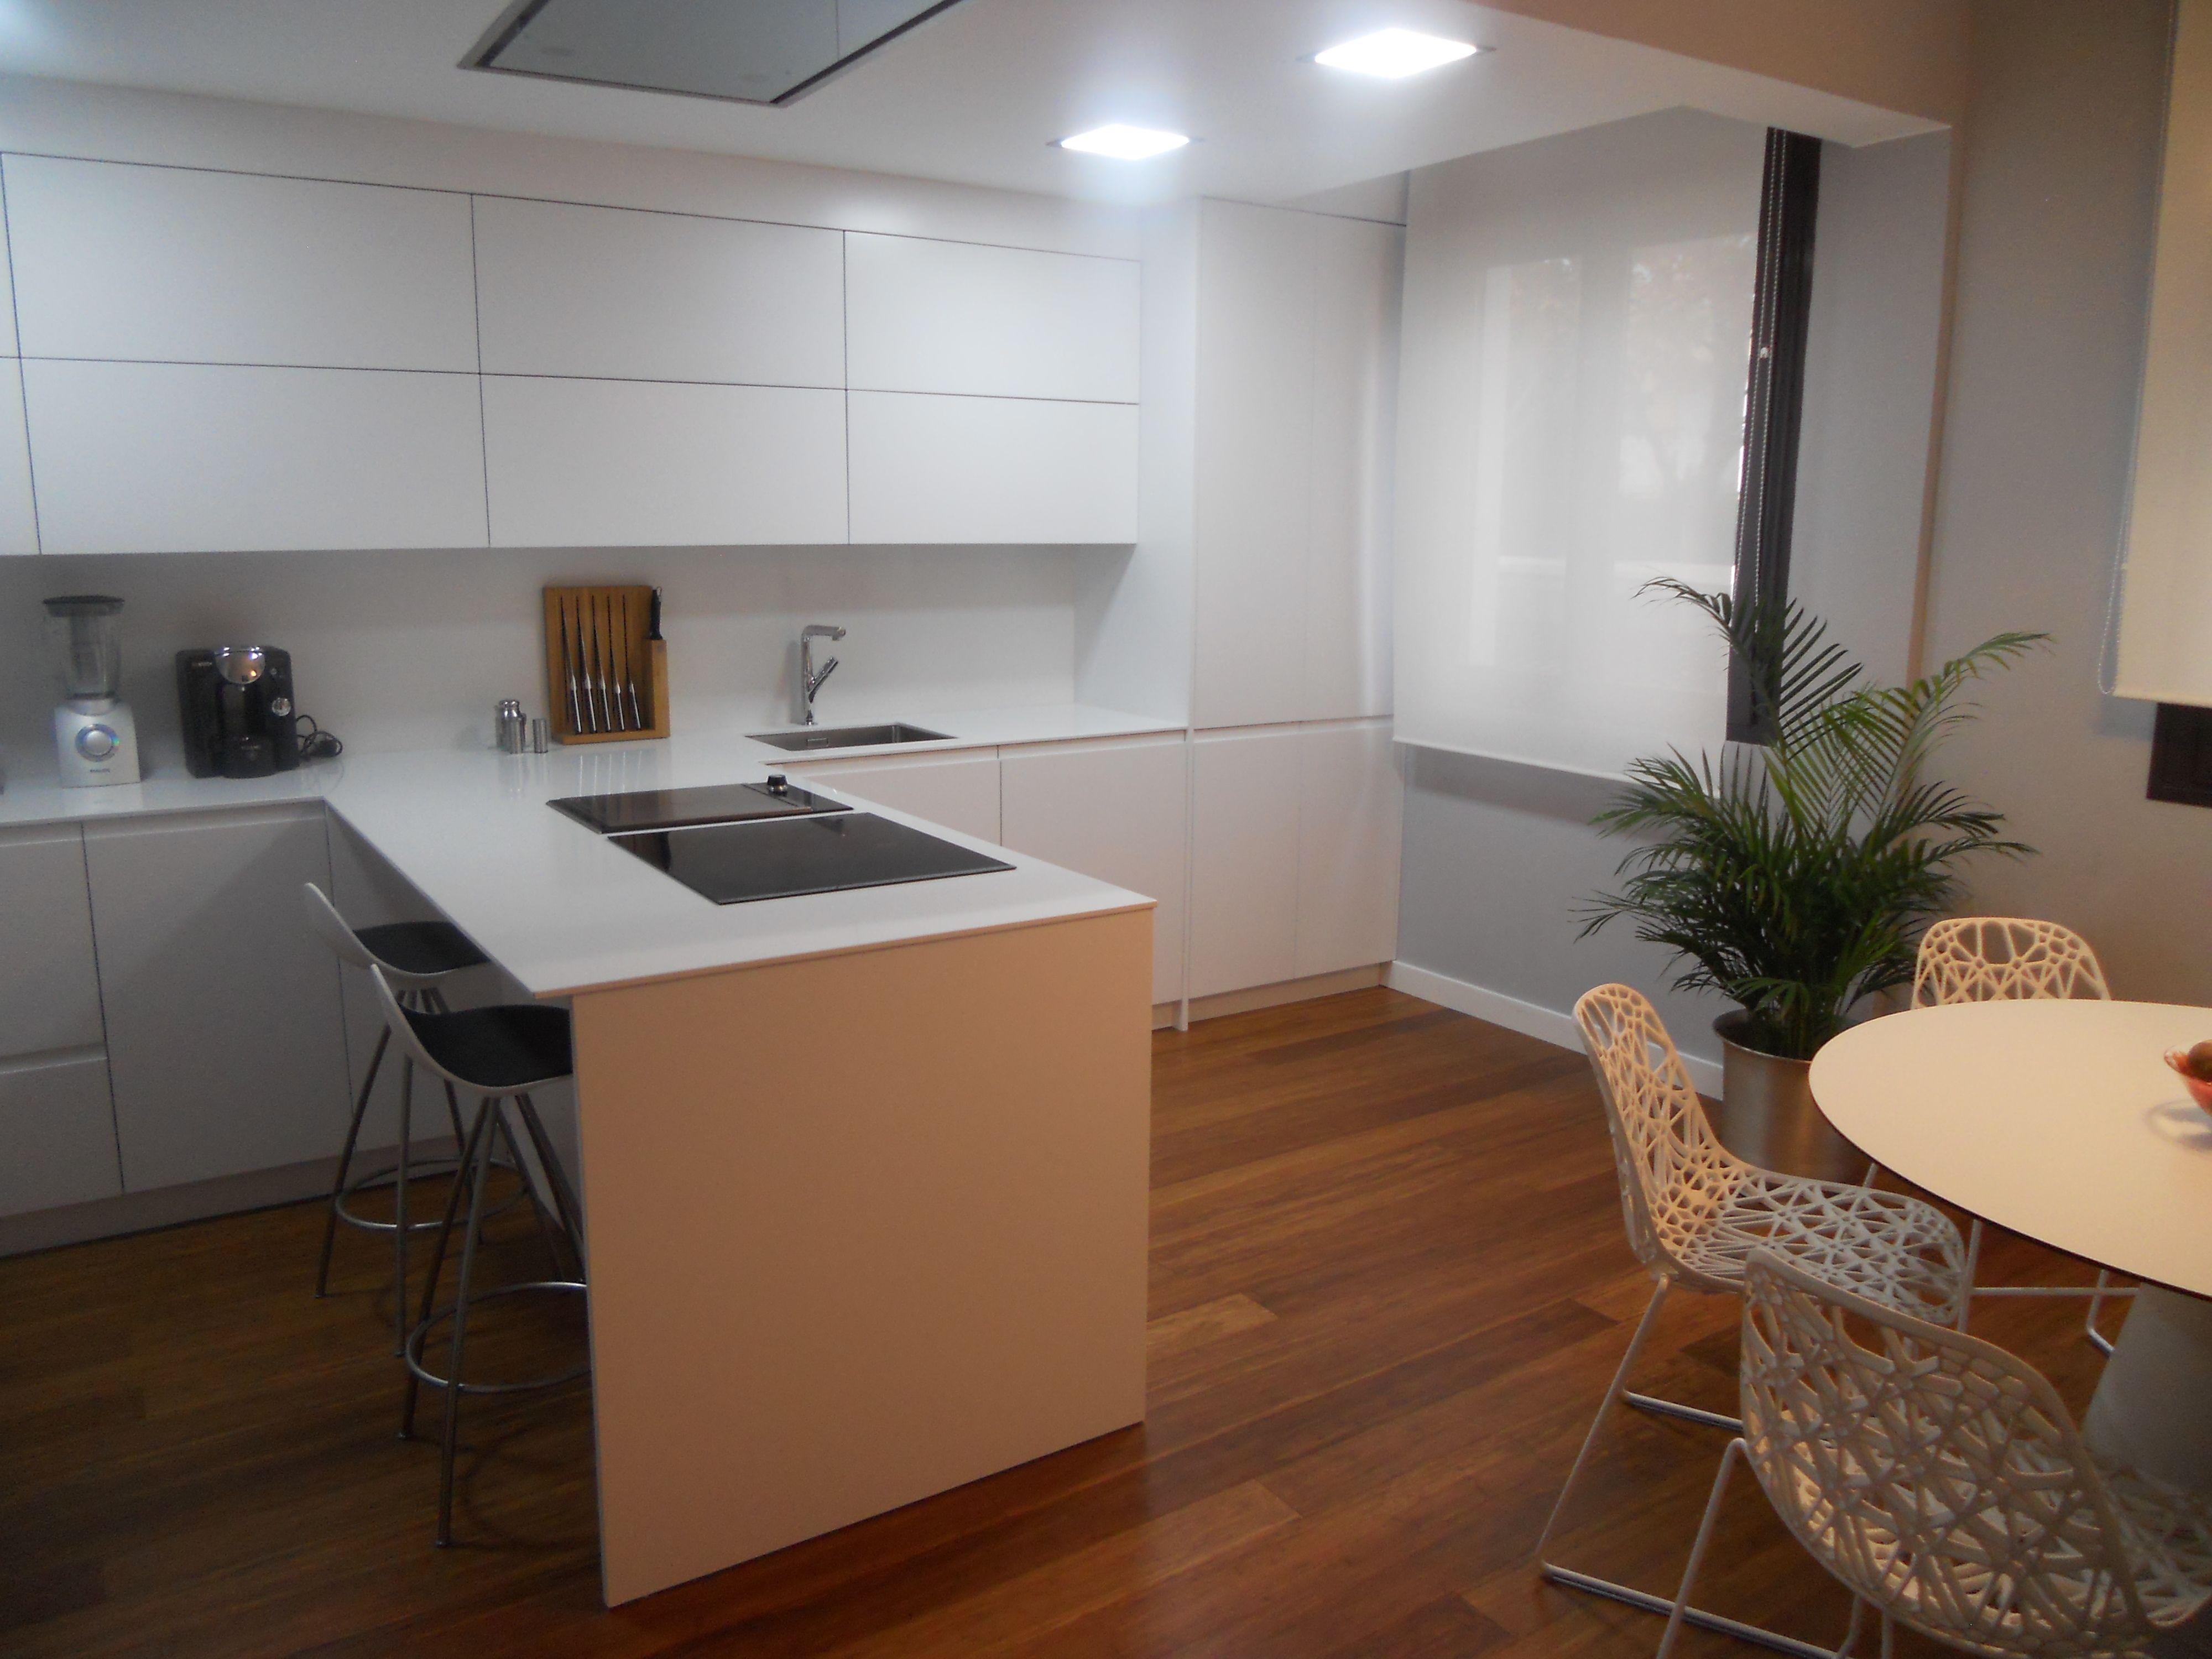 Reforma de cocina en Zaragoza. Diseño Luogo. Reformas y Muebles de ...